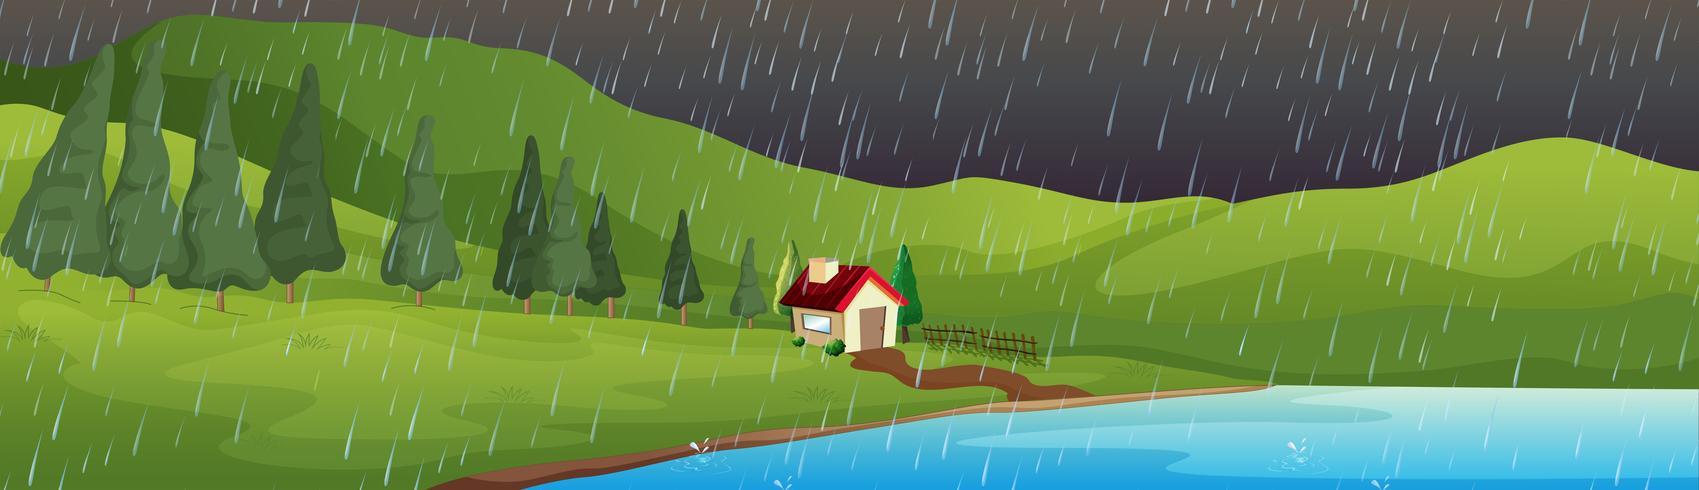 Scène de fond avec maison au bord du lac sous la pluie vecteur